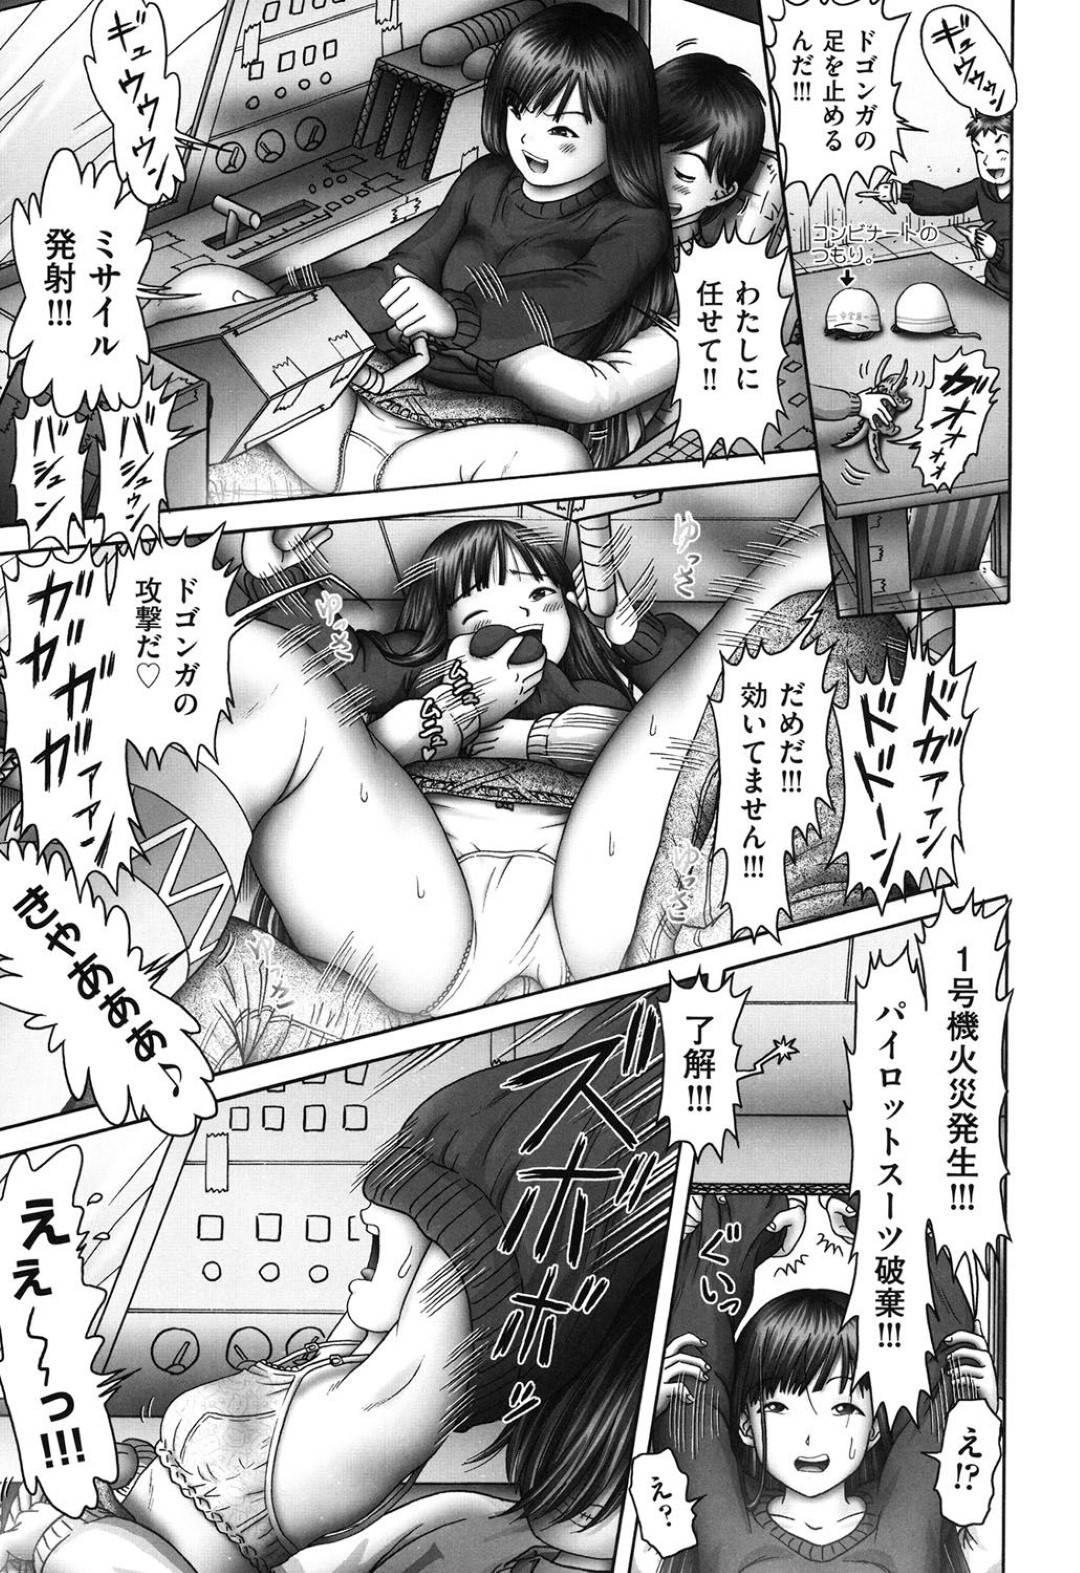 【エロ漫画】男子たちから一目置かれる女子生徒は、秘密基地に招待されて男たちに対して女1人、人目がない場所で戦隊ごっこで戯れる流れから輪姦レイプしようと試みるが!?【某零/三人娘秘密基地へ…イク♡】